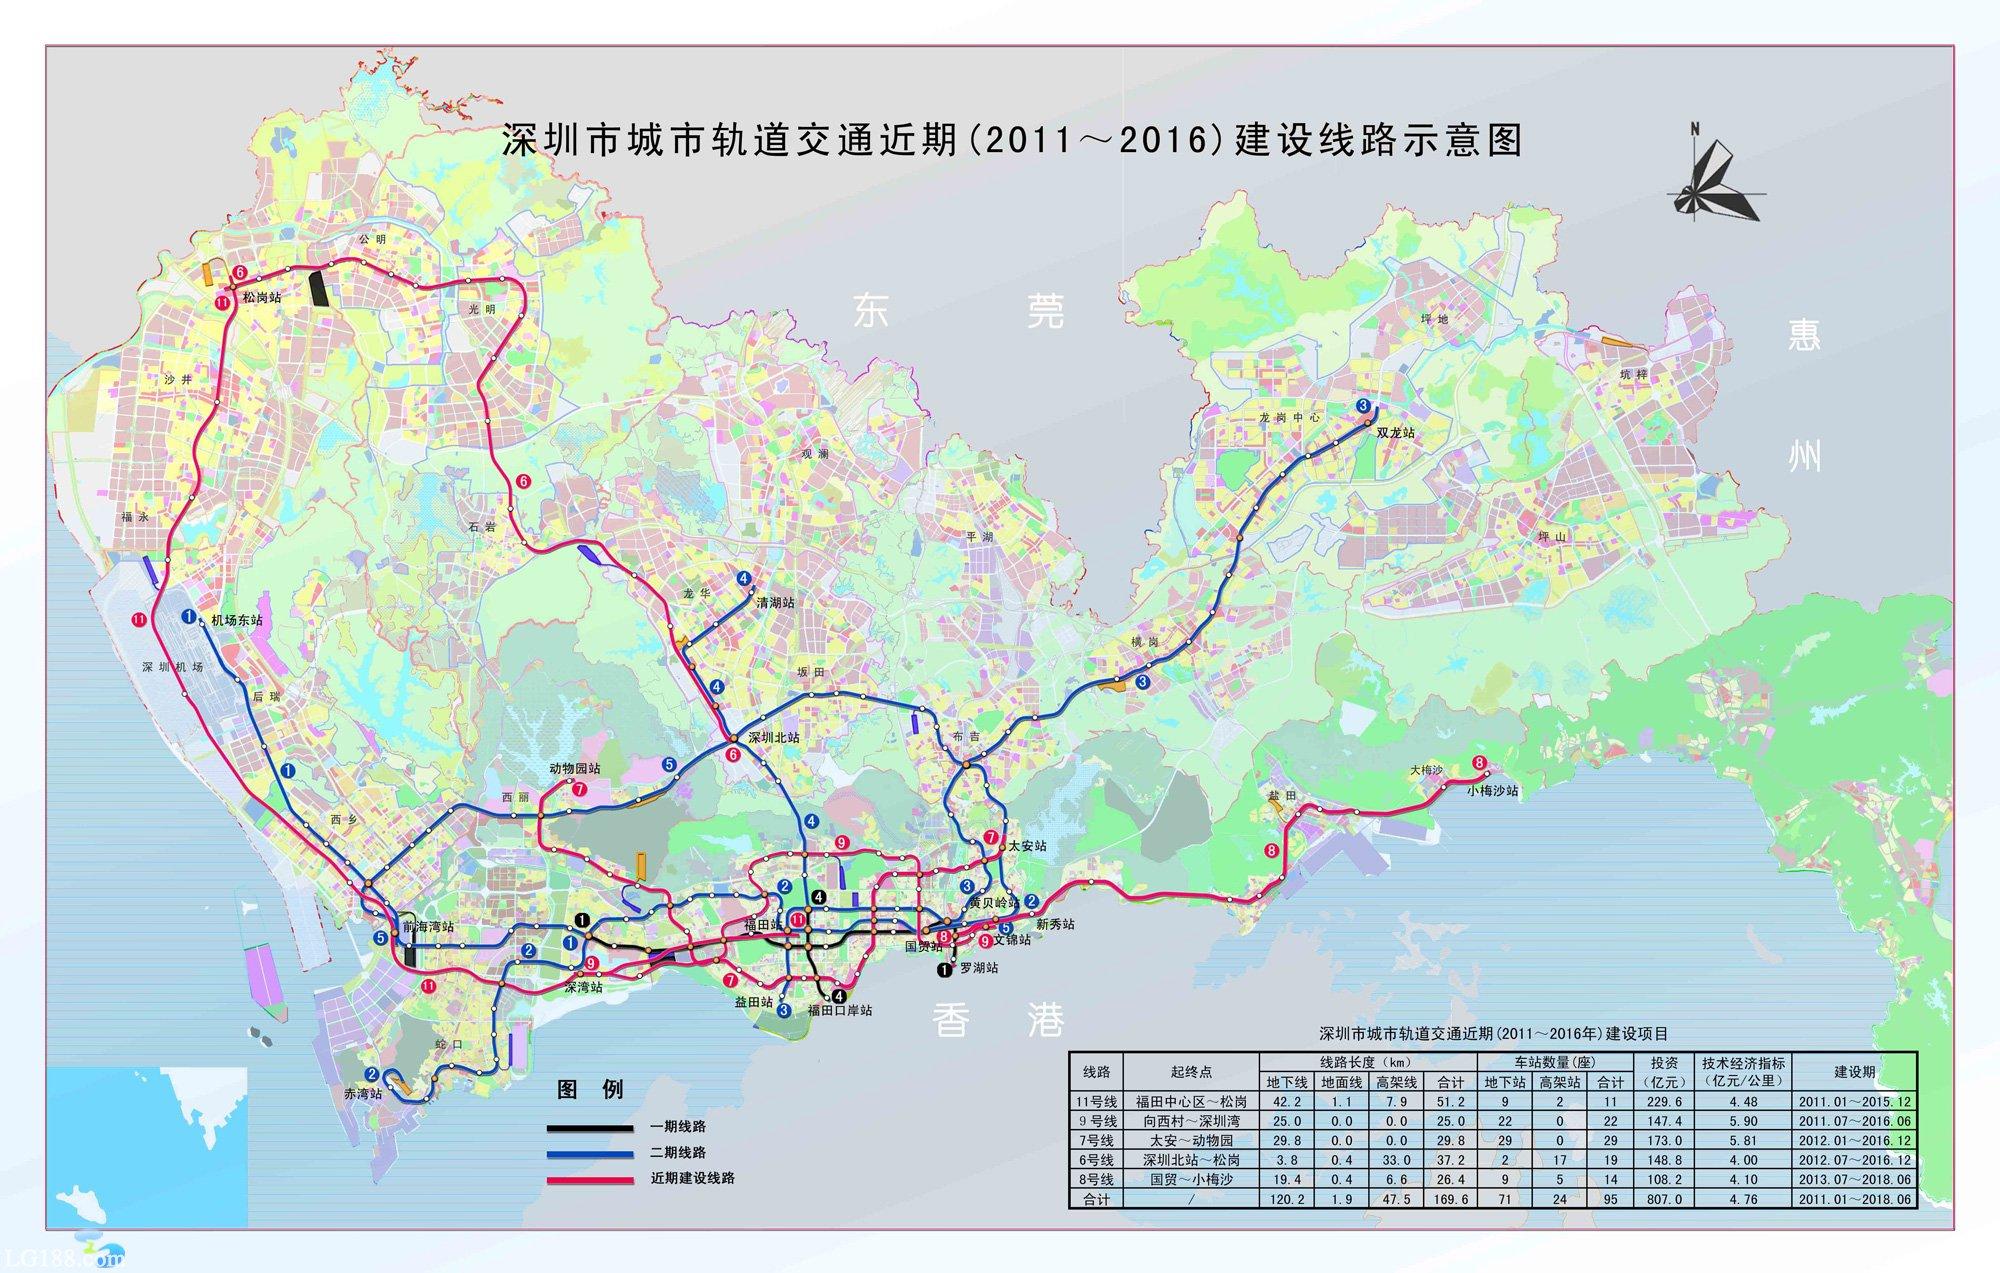 深圳城市轨道近期规划图 2011 2017